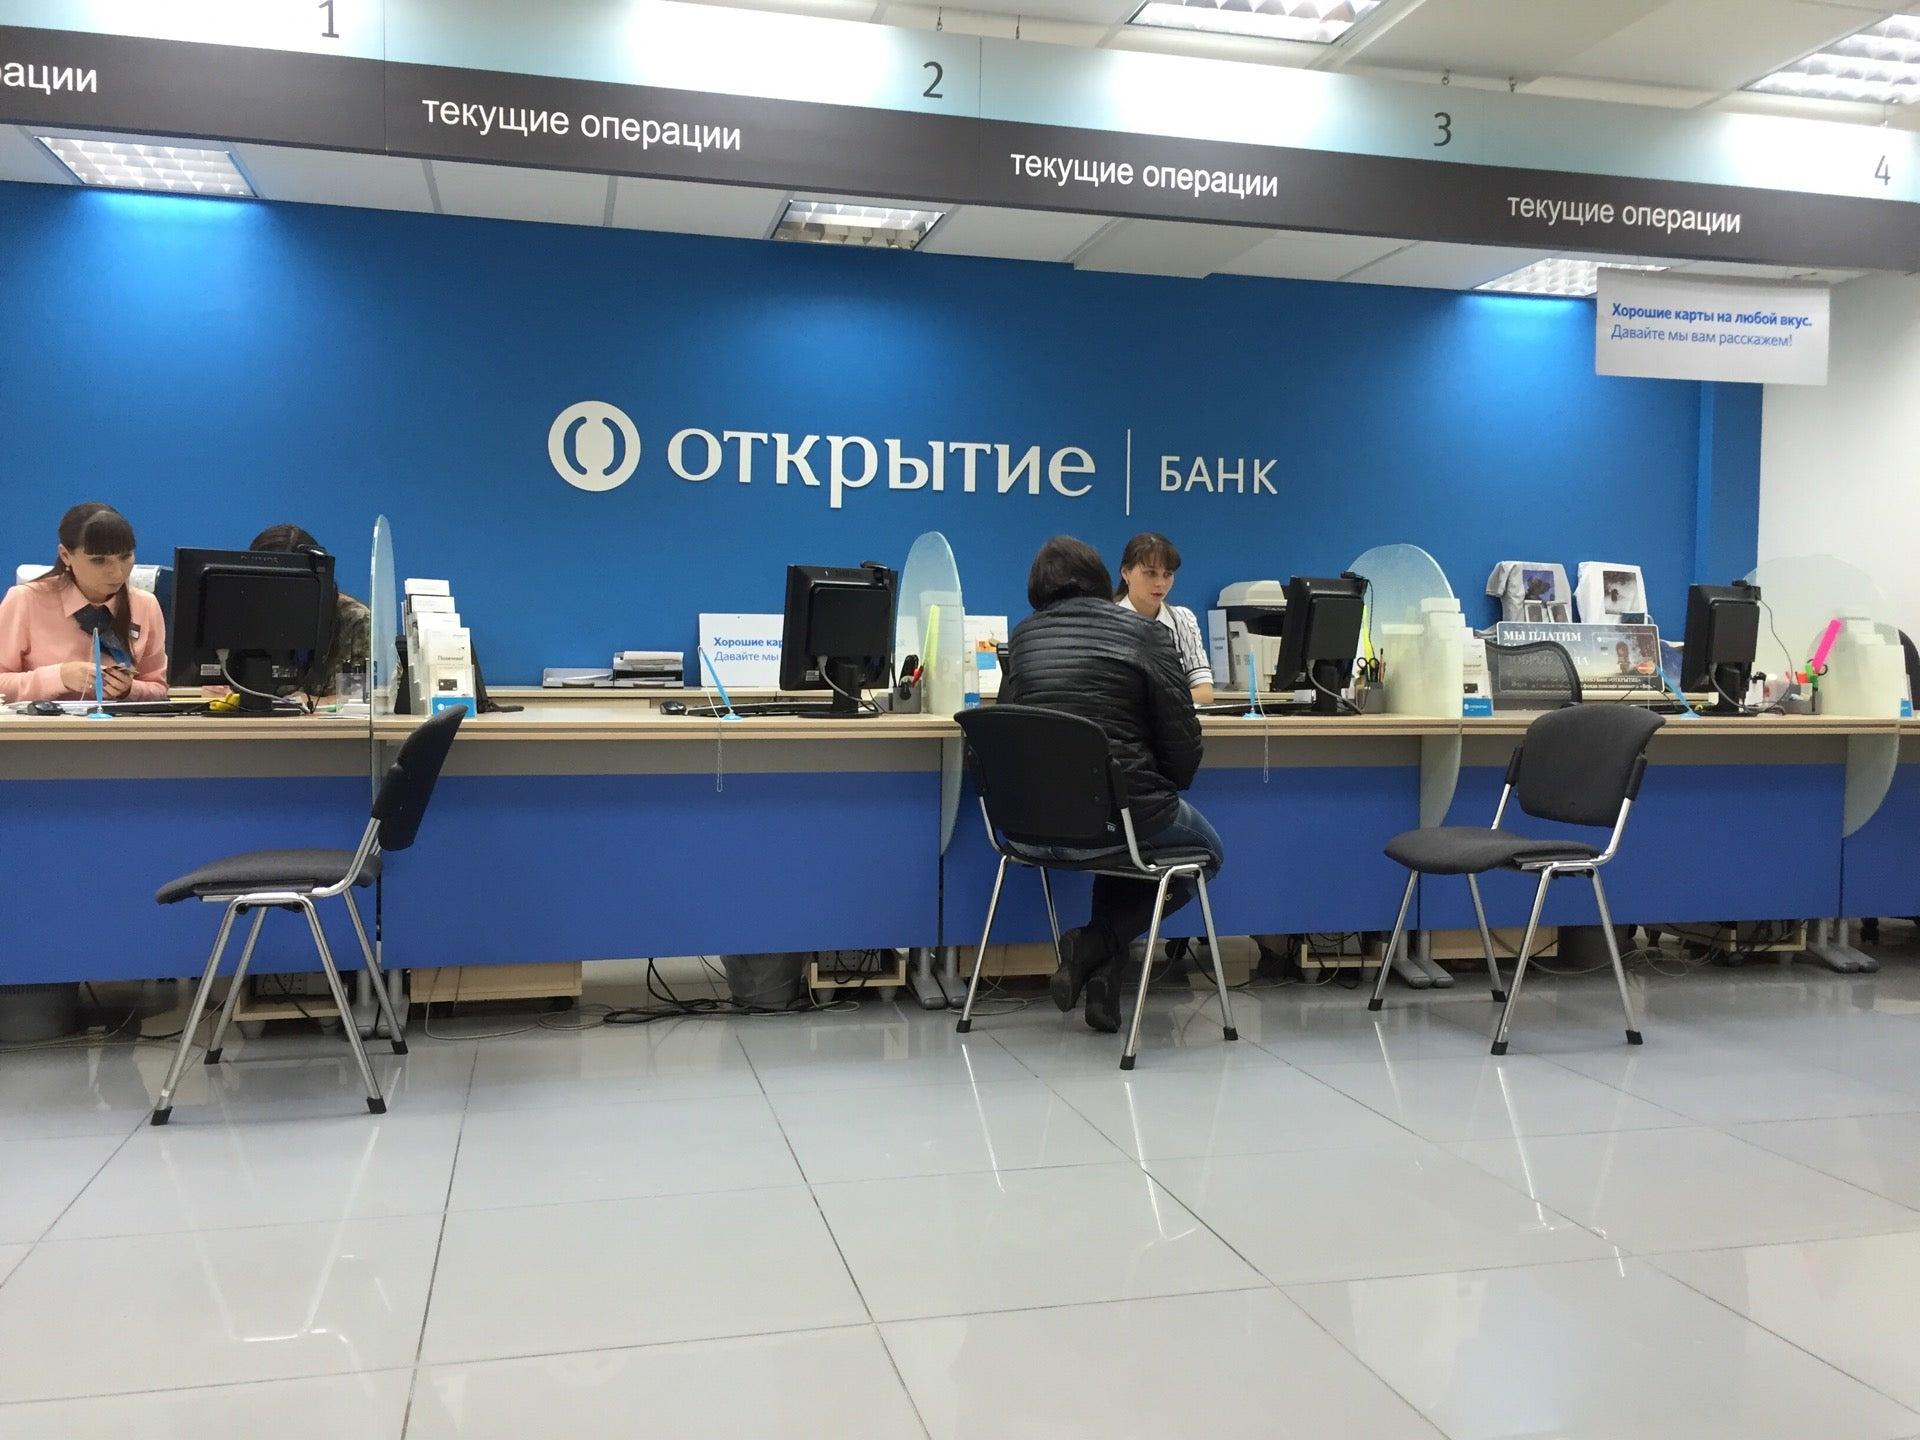 Банк «Открытие» предоставит кредитные каникулы малому и среднему бизнесу